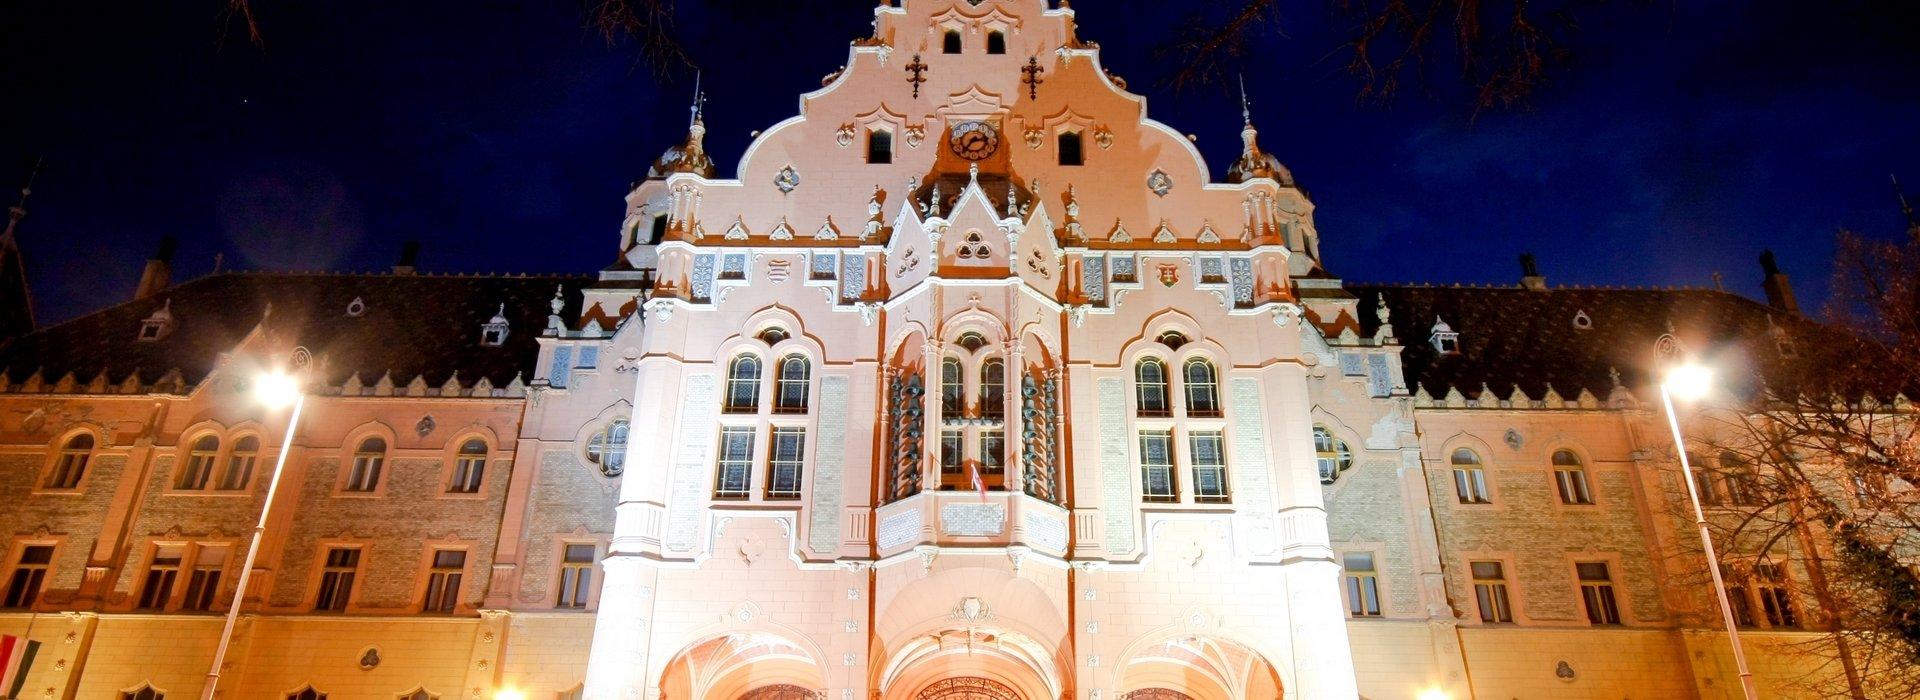 Sehenswürdigkeiten in Gyula